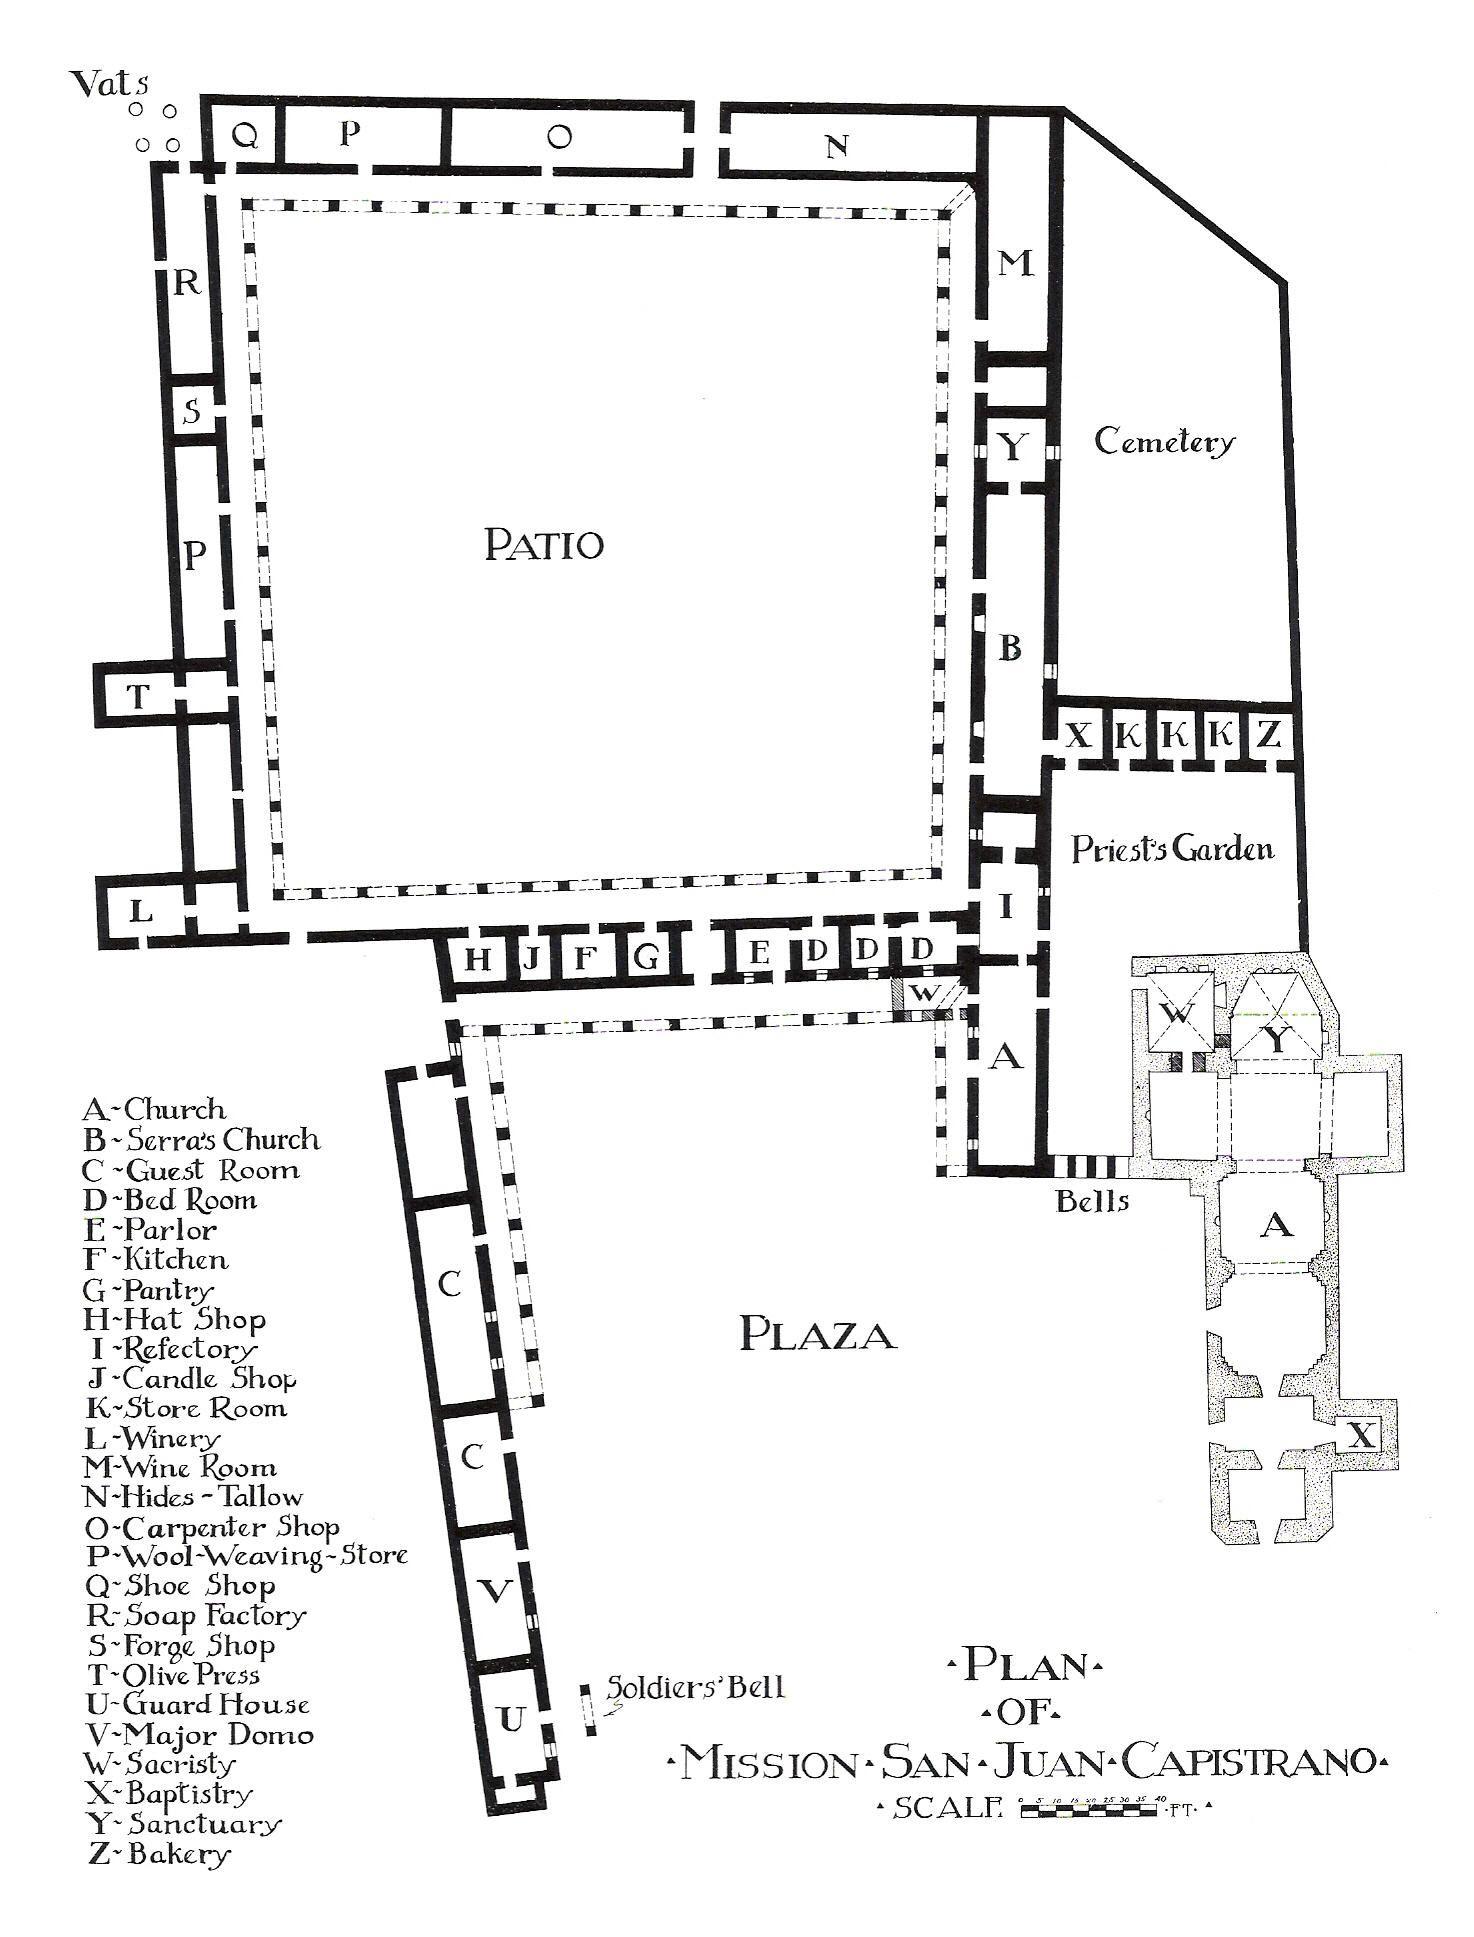 1916 Rexford Newcomb Plan View Mission San Juan Capistrano Jpg 1 474 1 937 Pixels California Missions Mission San Juan Capistrano San Juan Capistrano